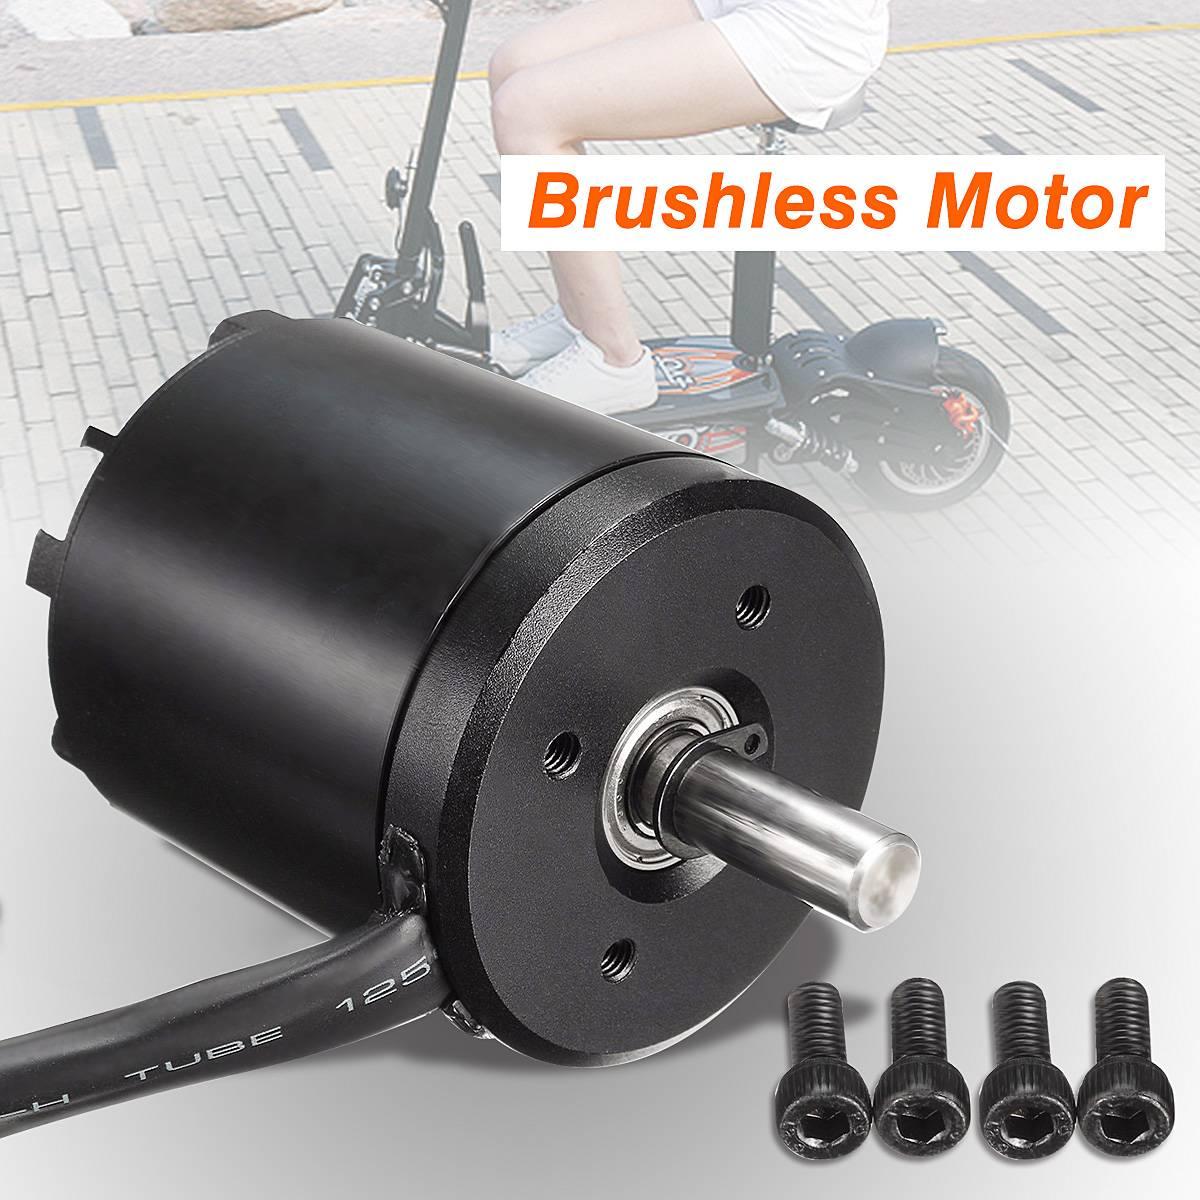 Bürstenlosen Sensored Motor 5065 50 65 270KV 1820 W Für Elektrische Skate Roller 3-8 s